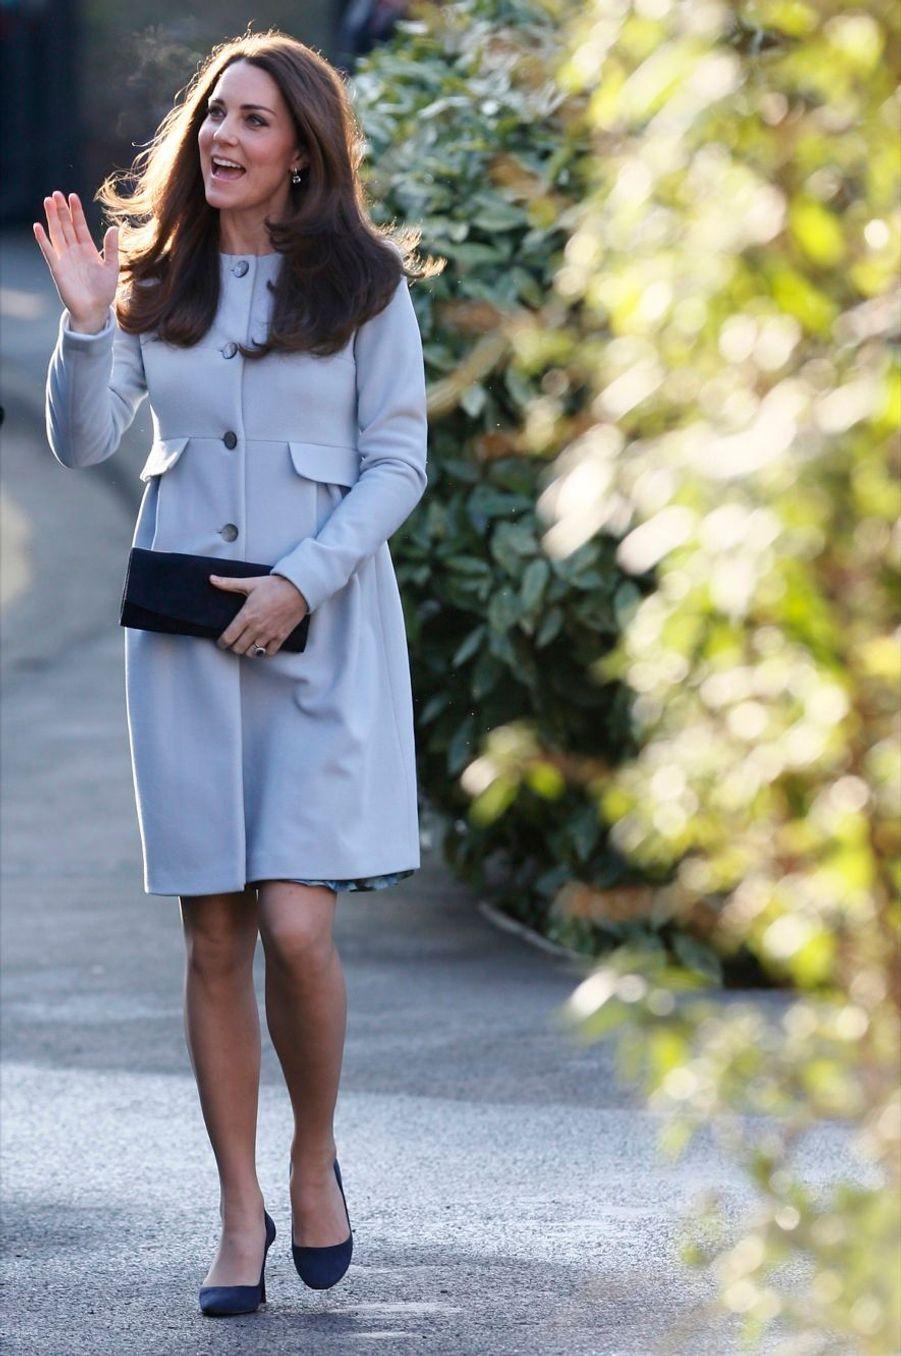 3 La Duchesse De Cambridge, Née Kate Middleton, En Visite À Kensington